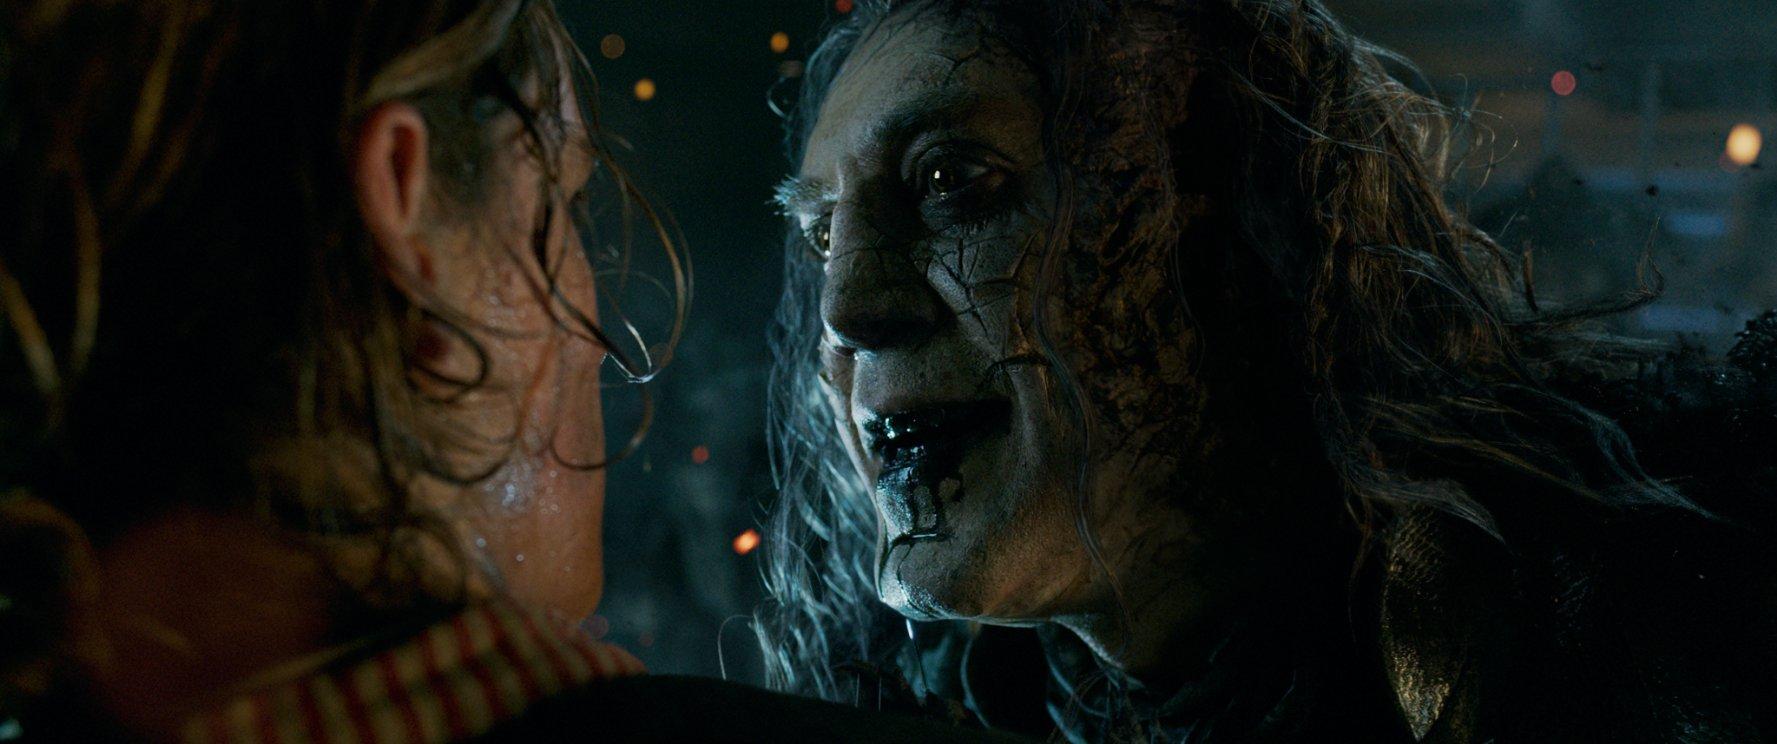 Обзор фильма «Пираты Карибского моря: Мертвецы не рассказывают сказки»